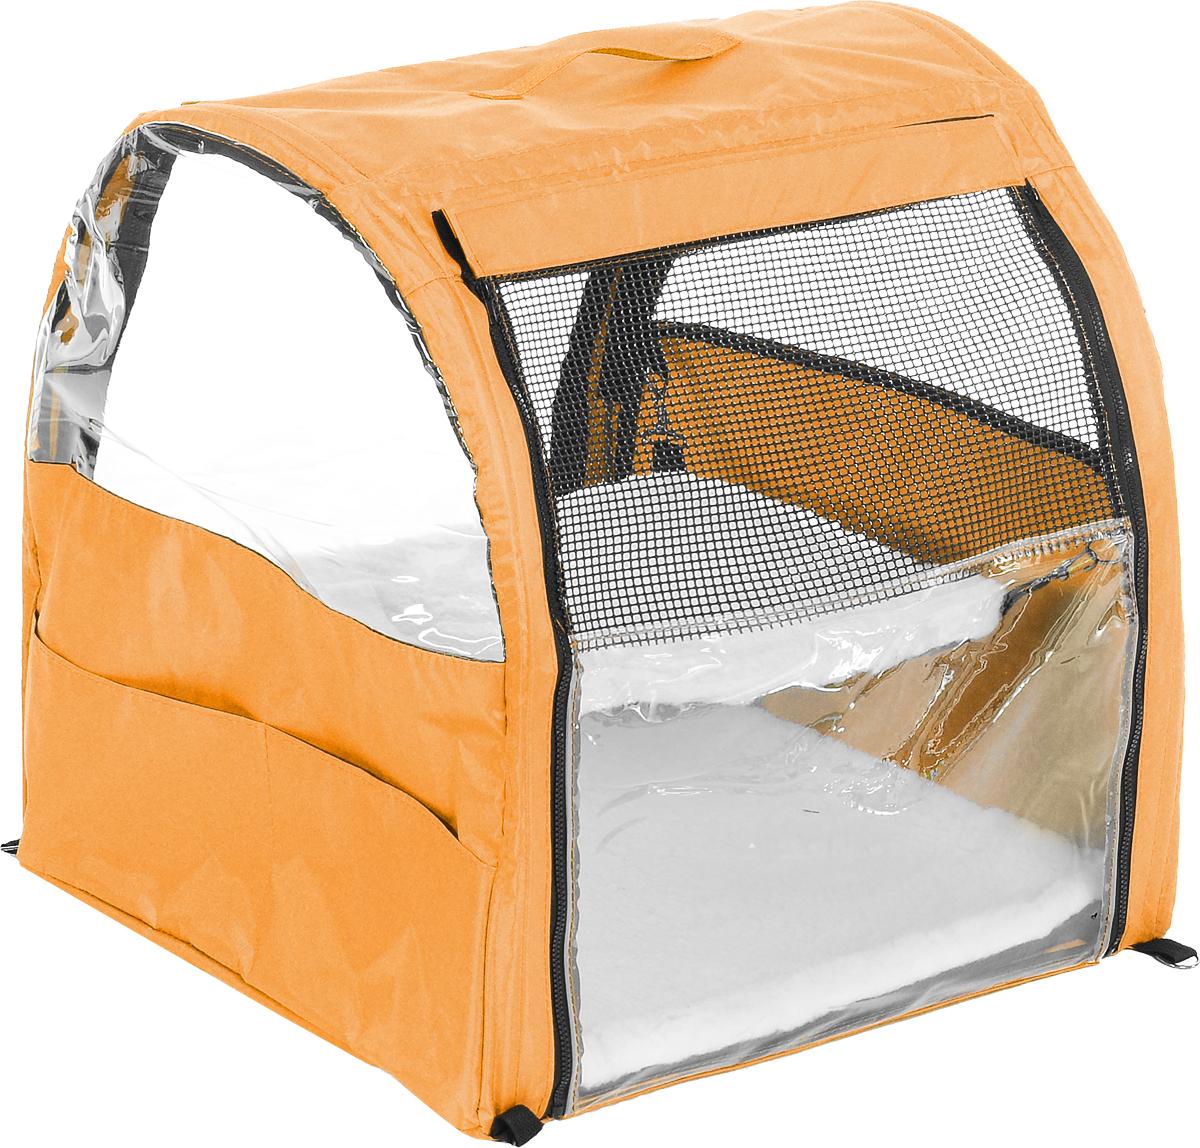 Клетка для животных Заря-Плюс, выставочная, цвет: оранжевый, черный, 51 х 58 х 55 смКВП1оКлетка для животных Заря-Плюс предназначена для показа кошек и собак на выставках. Она изготовлена из плотного текстиля и имеет полукруглую форму. Каркас состоит из дуг. Лицевая сторона палатки выполнена из пленки, которая может полностью отстегиваться. Обратная сторона палатки выполнена наполовину из сетки, наполовину из пленки. С двух сторон клетки имеются вместительные карманы, куда вы можете положить все необходимое. Клетка снабжена съемной подстилкой и гамаком из искусственного меха. В собранном виде клетка довольно компактна, при хранении занимает мало места. Палатка переносится в чехле, который входит в комплект.